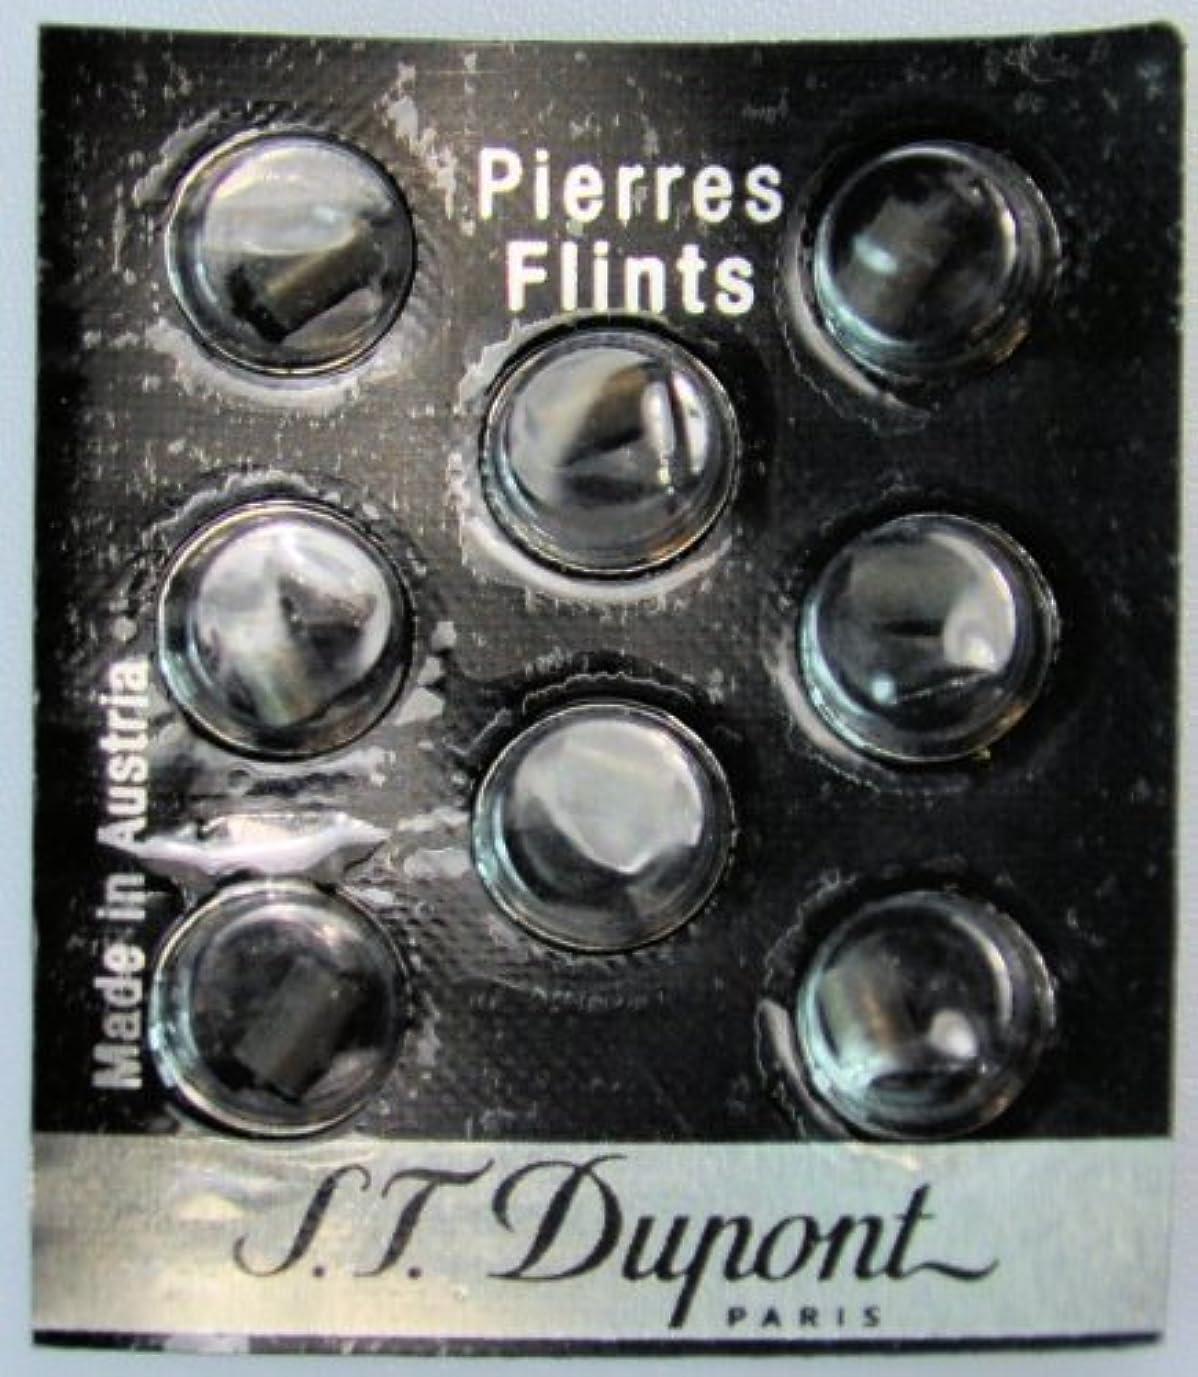 スペクトラムシェーバー評判【S.T.Dupont】デュポン フリント(発火石) グレー